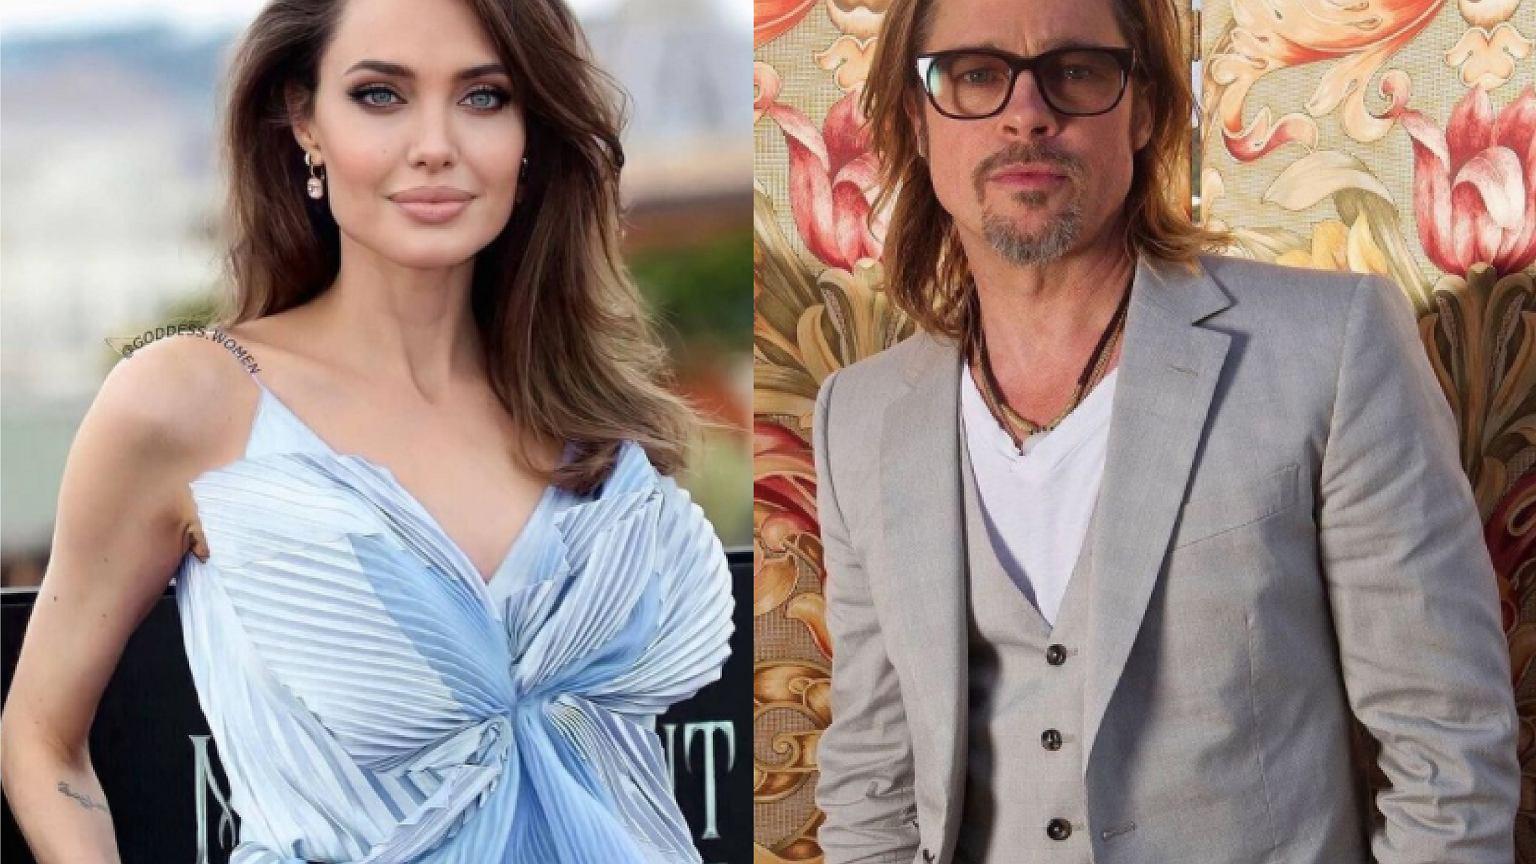 Angelina Jolie I Brad Pitt Spieraja Sie O Opieke Nad Dziecmi Shiloh Ma Dosc Batalii Pomiedzy Rodzicami